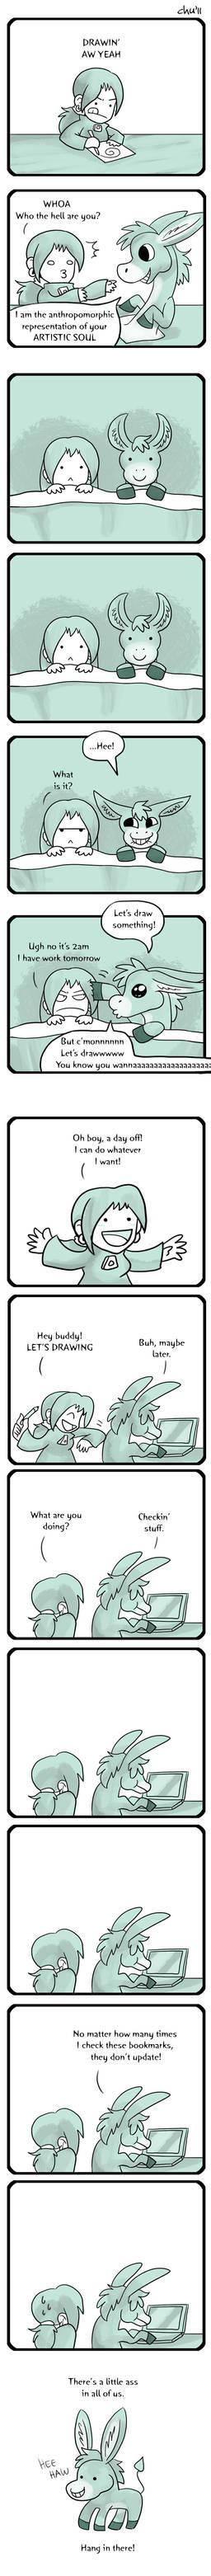 Fail Like an Artist